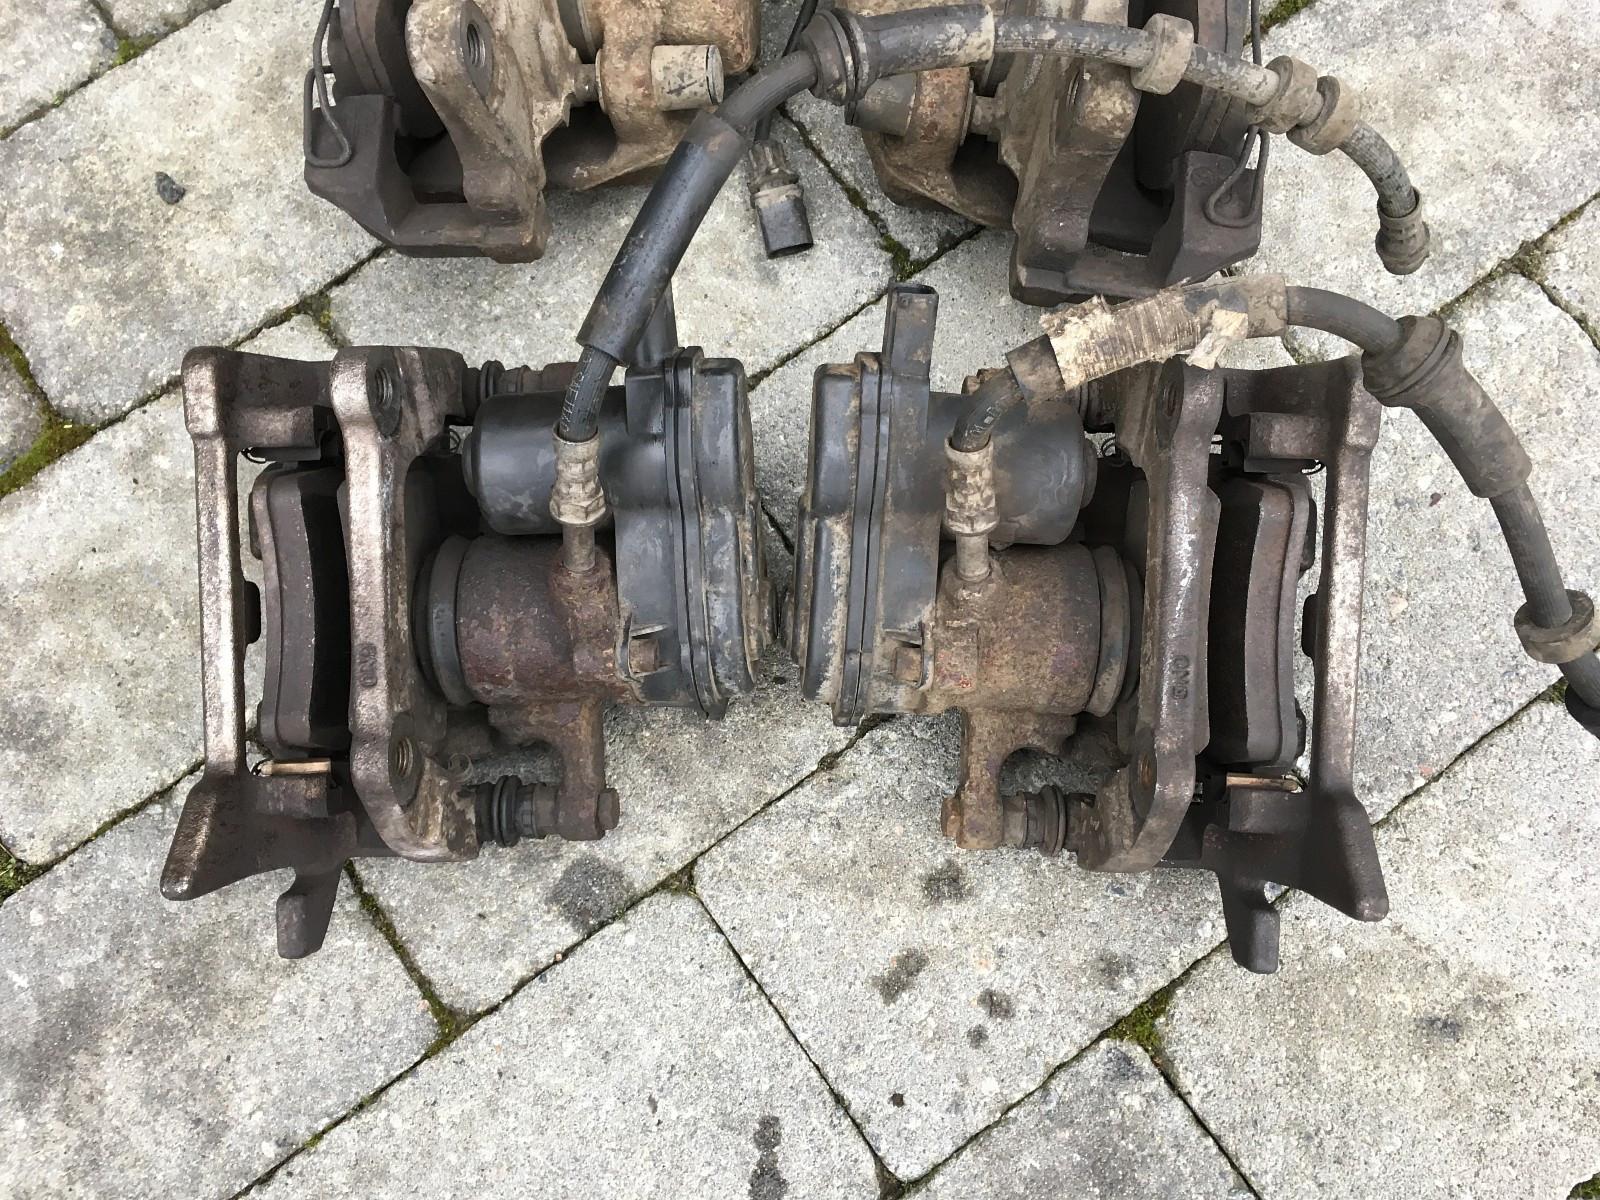 Originale bak bremser til Audi A4 B8 - Kjeller  - Originale bak bremser til Audi A4 B8  Bakre bremse kalippere med håndbrekk motor. Følger også med skiver og klosser. Bremsene satt på en Audi A4 B8 med 300mm skiver bak og ble oppgradert til større bremser etter kj - Kjeller